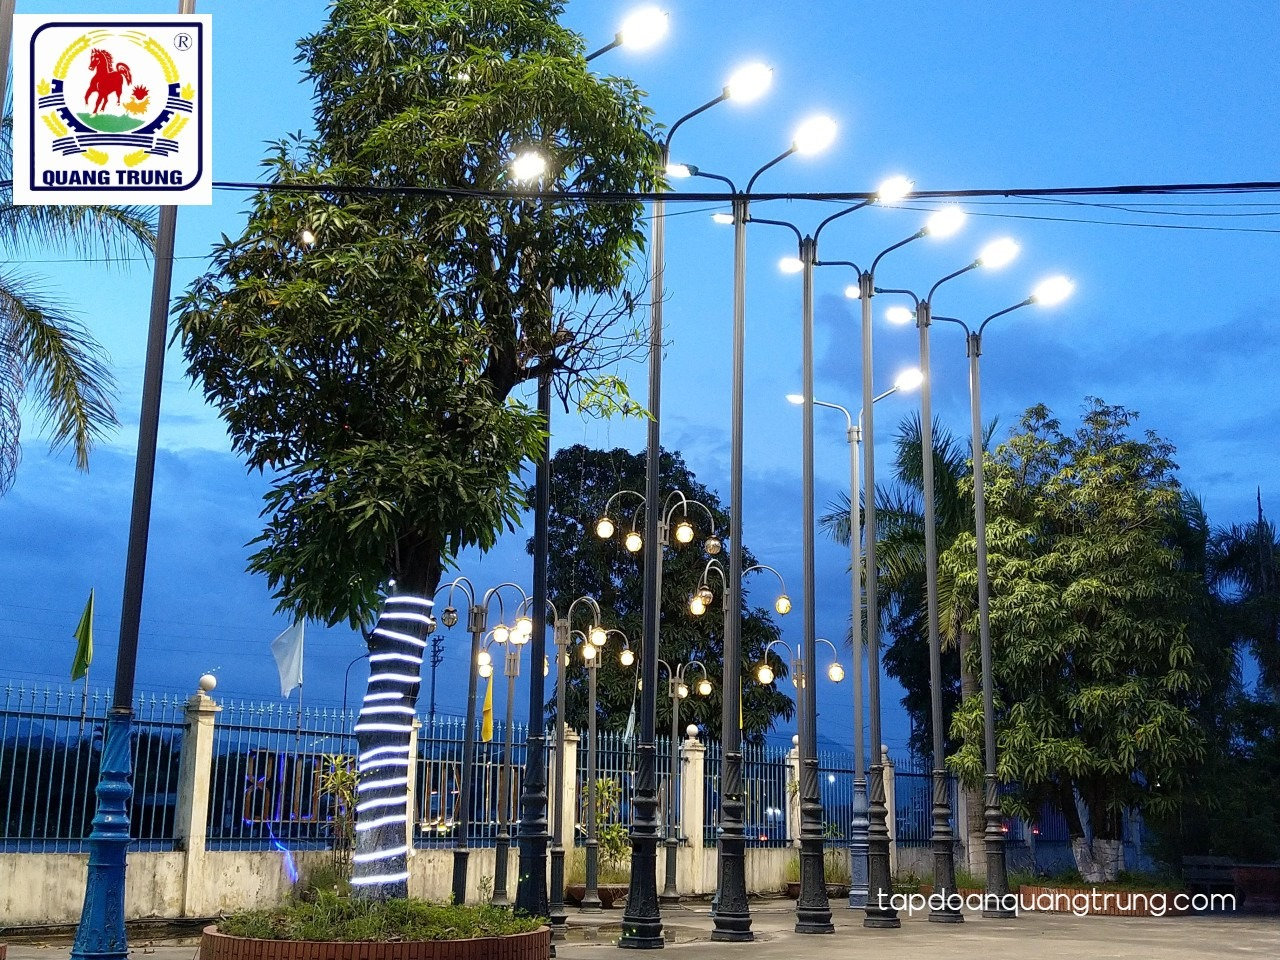 Tặng đèn LED chiếu sáng đường phố thắp sáng cung đường Ninh Bình thêm rực rỡ